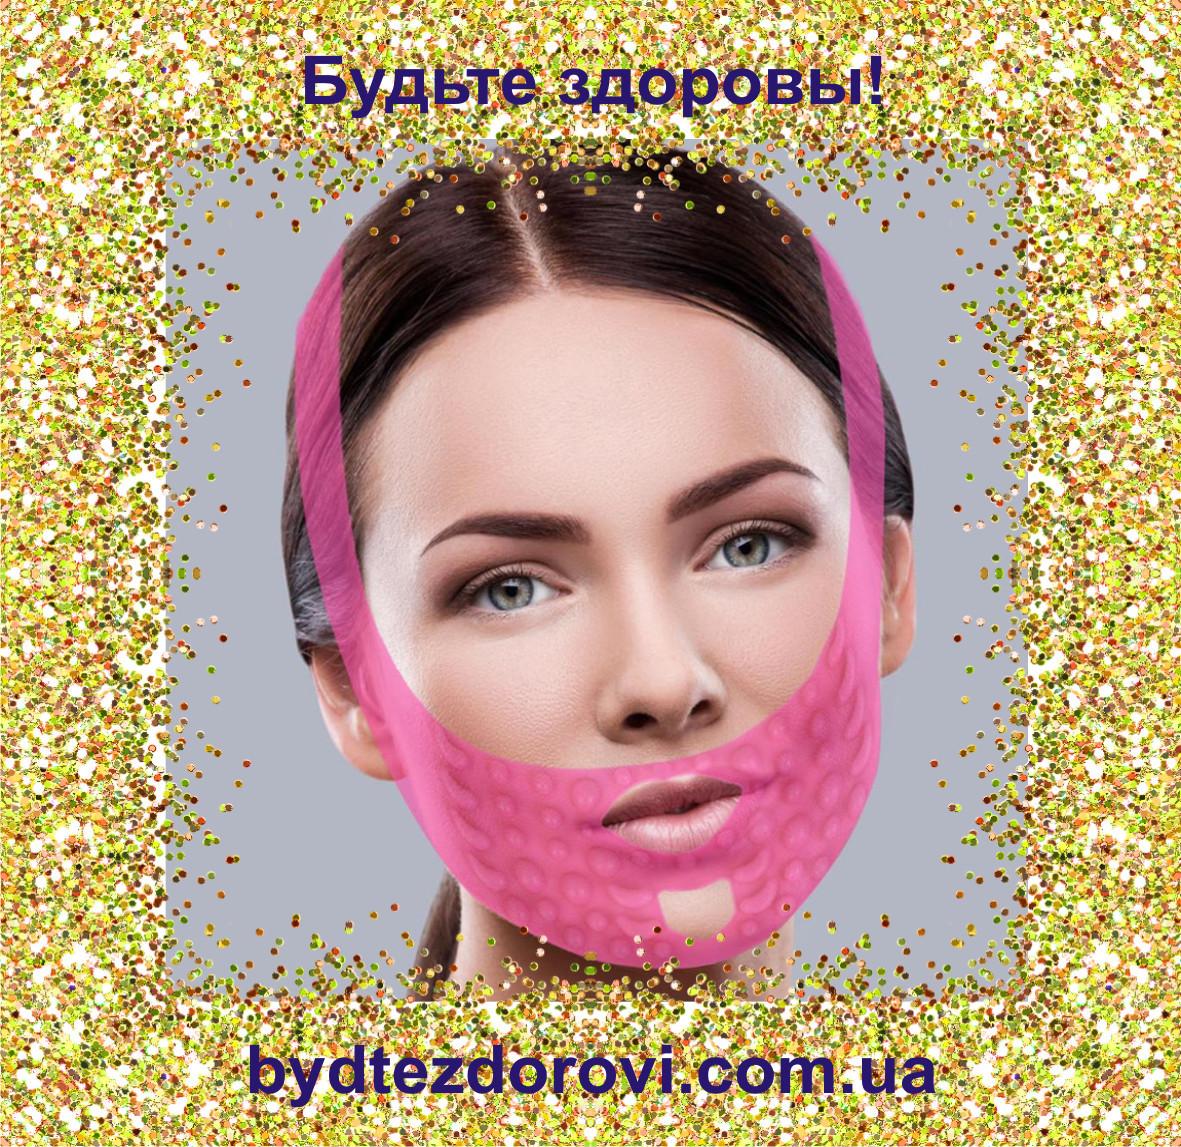 Массажная маска-бандаж для коррекции овала лица (подбородок, щеки).